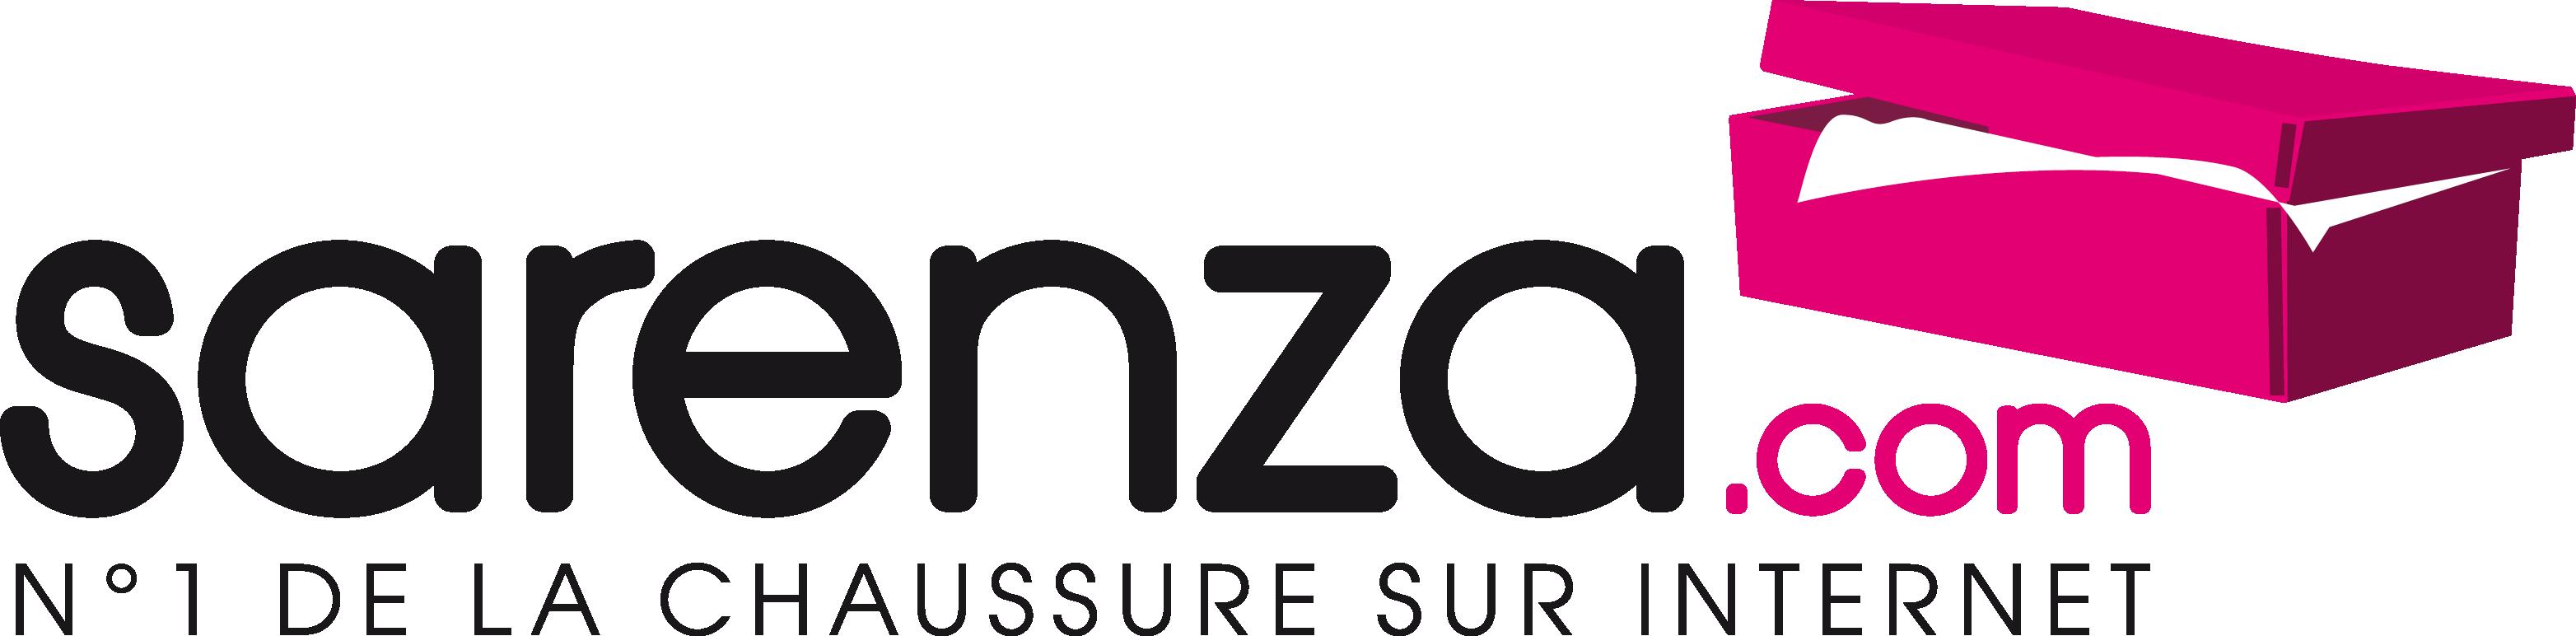 Code promo Sarenza : -10% supplémentaires dès 70€ d'achats